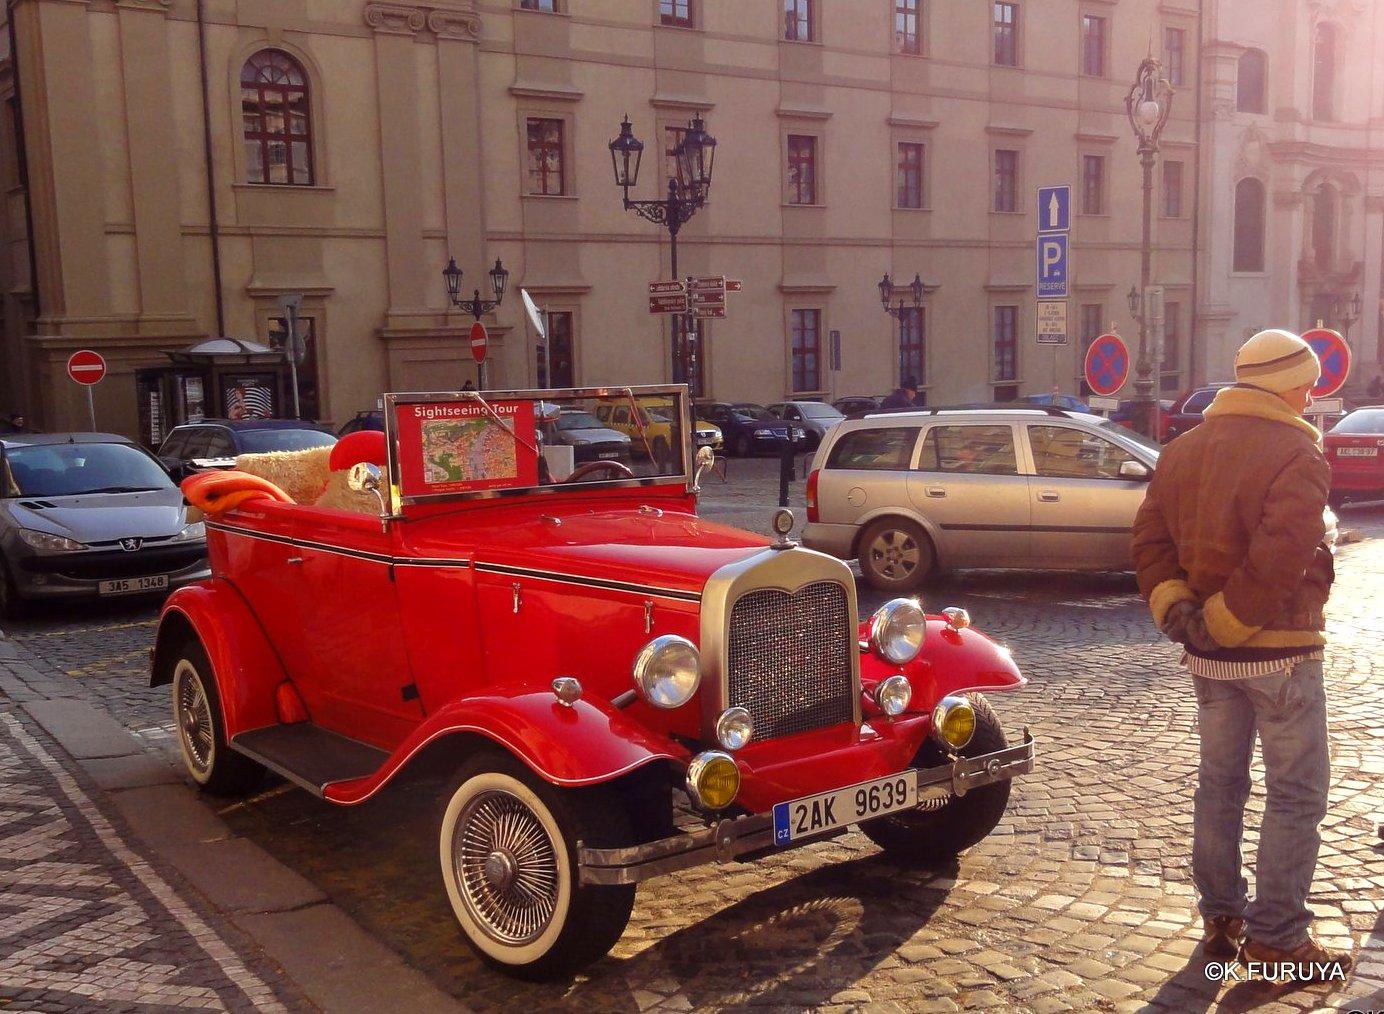 プラハ 11   ネルドヴァ通り _a0092659_21124270.jpg